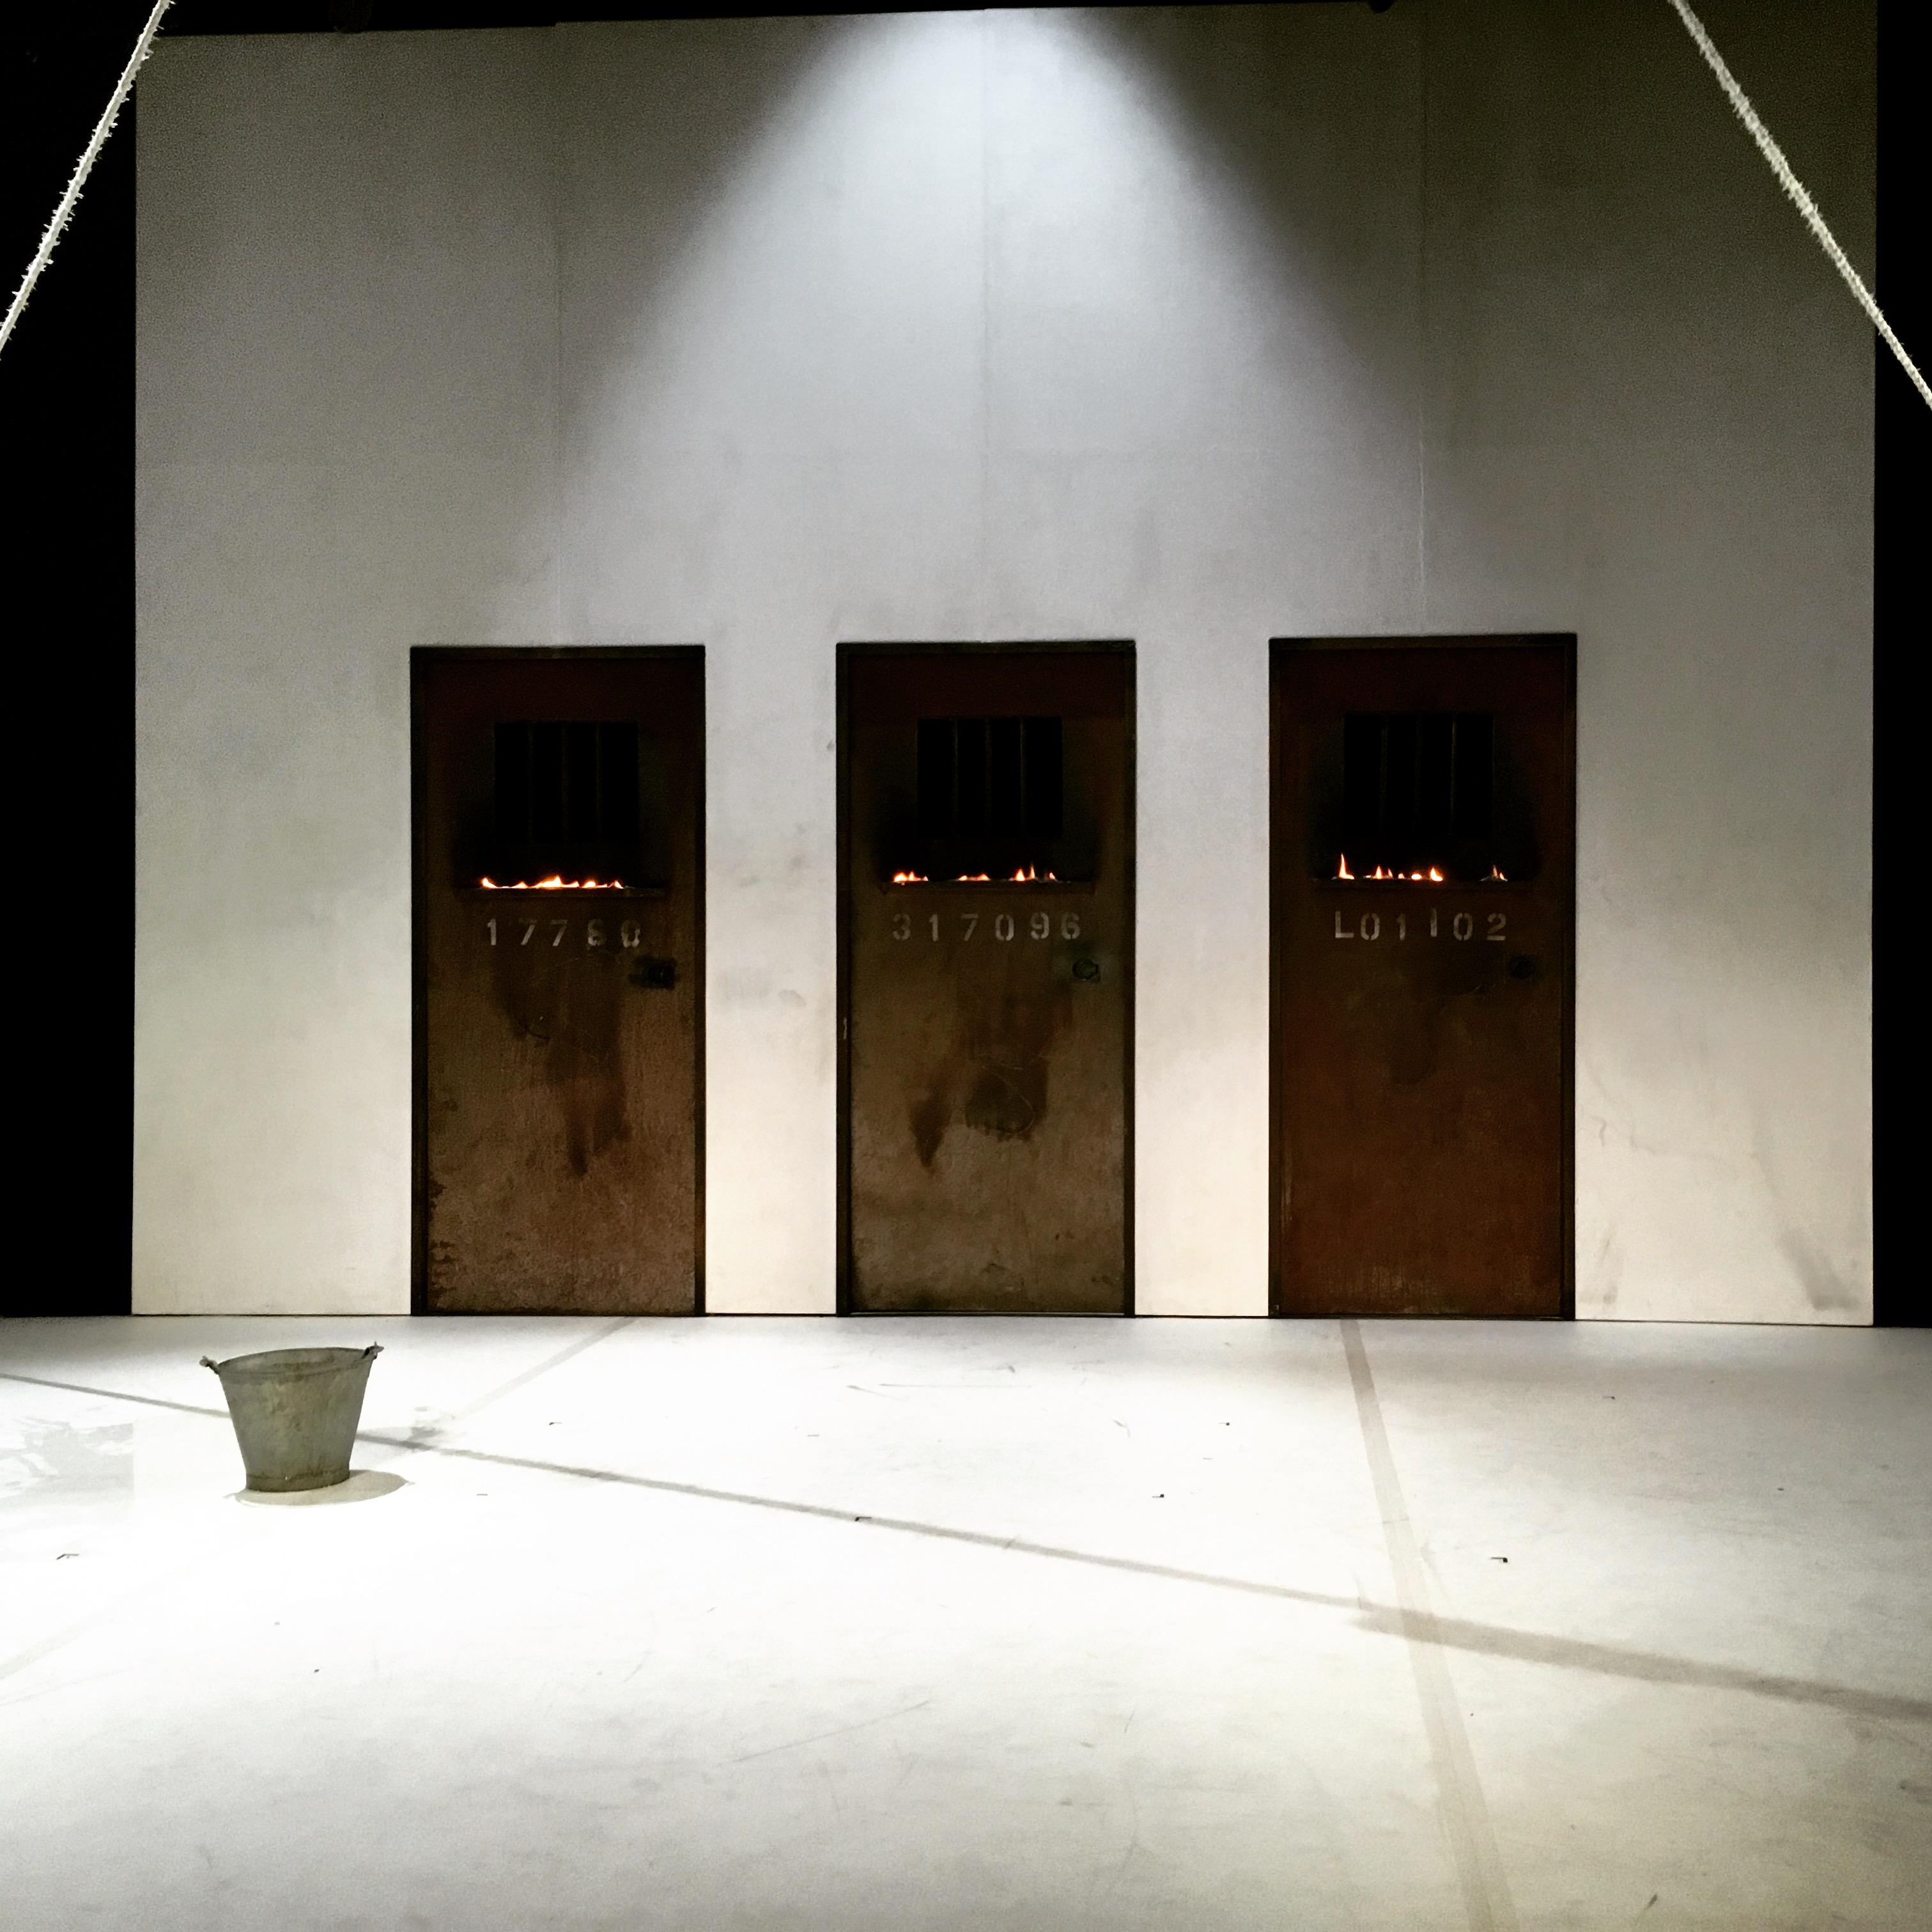 Belarus Free Theatre Burning Doors | Seattle WA USA \u2013 28 September to 1 October 2017. & Belarus Free Theatre: Burning Doors | Seattle WA USA \u2013 28 ...